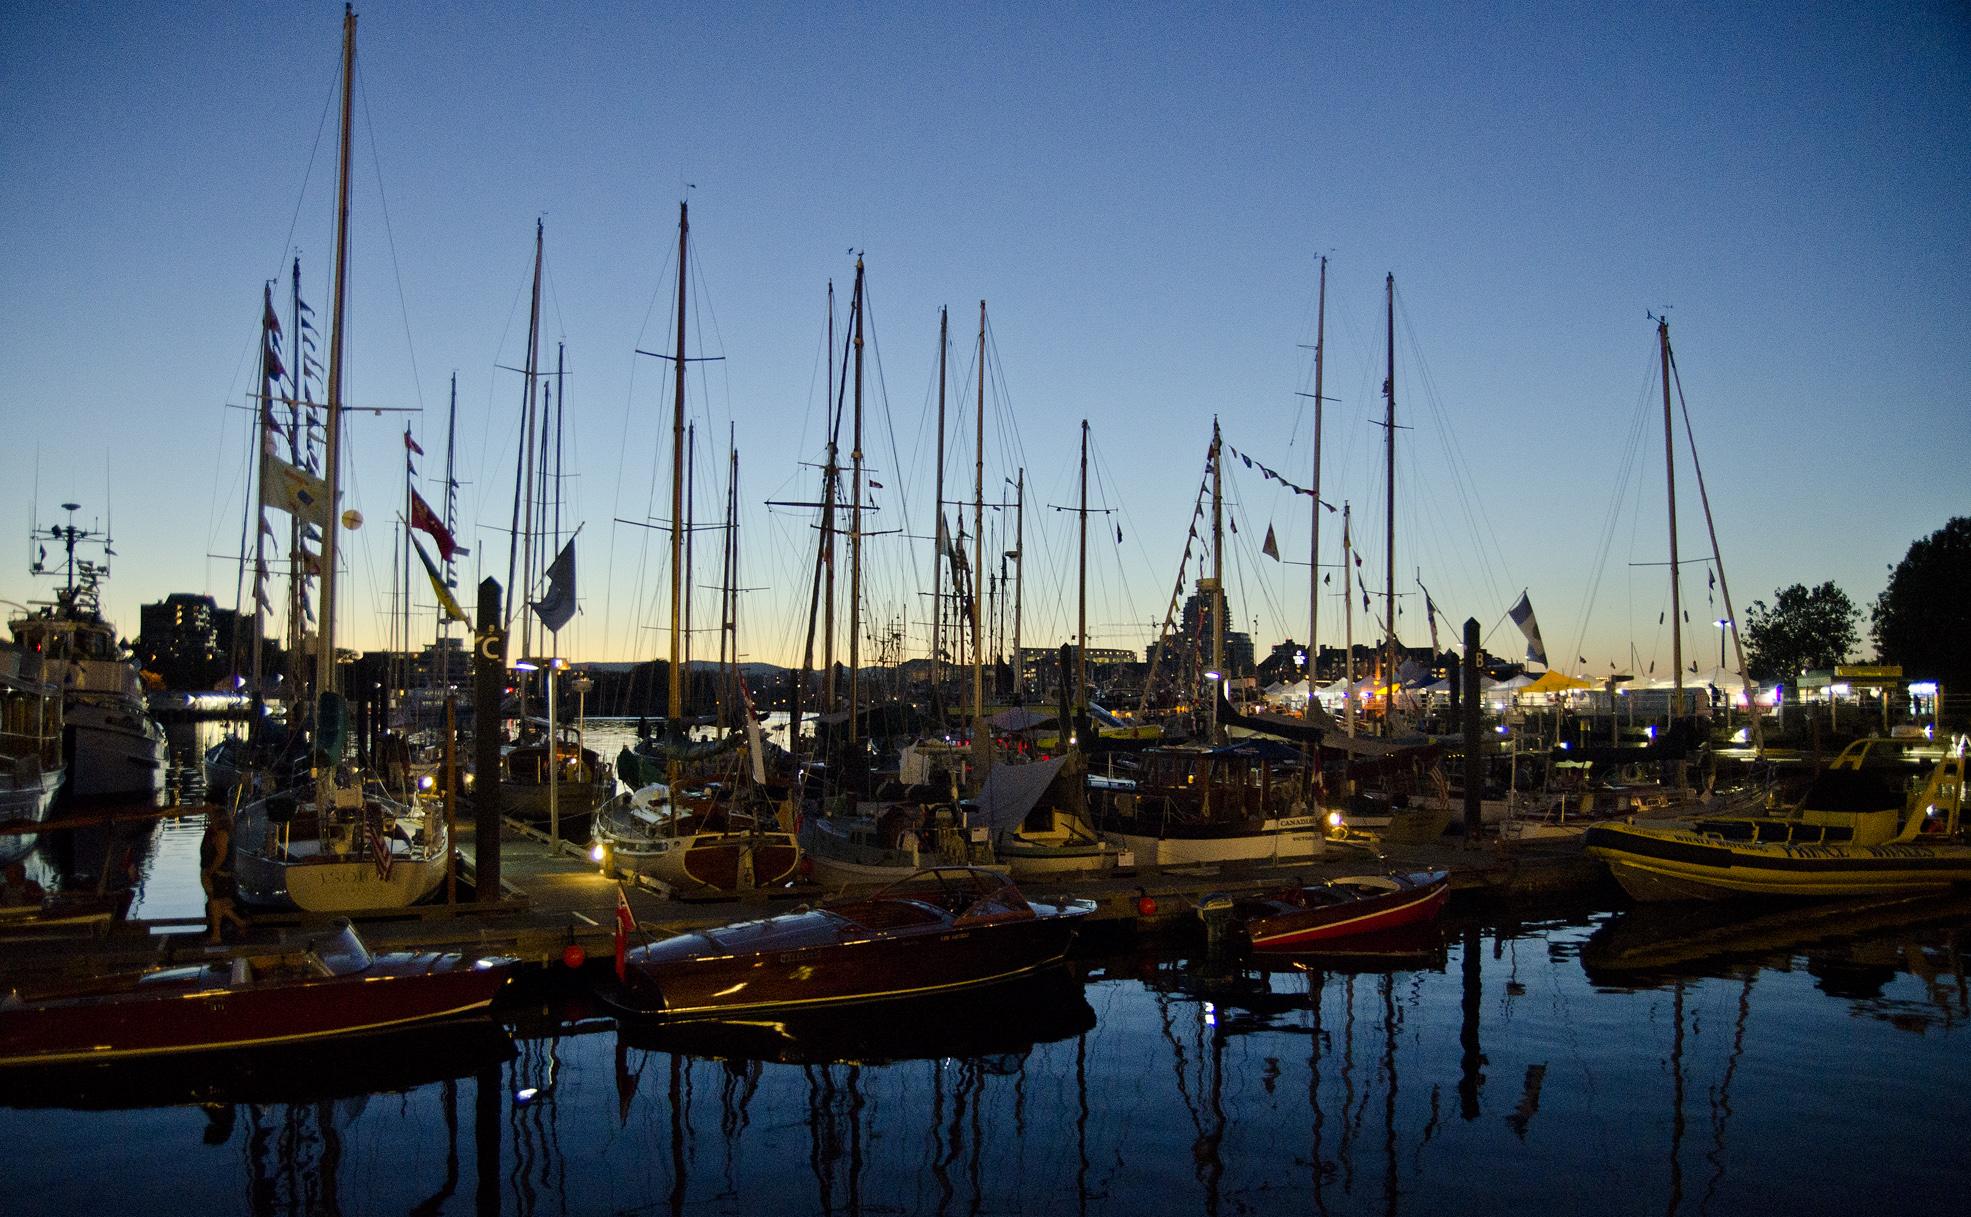 Victoria Classic Boat Festival Memories